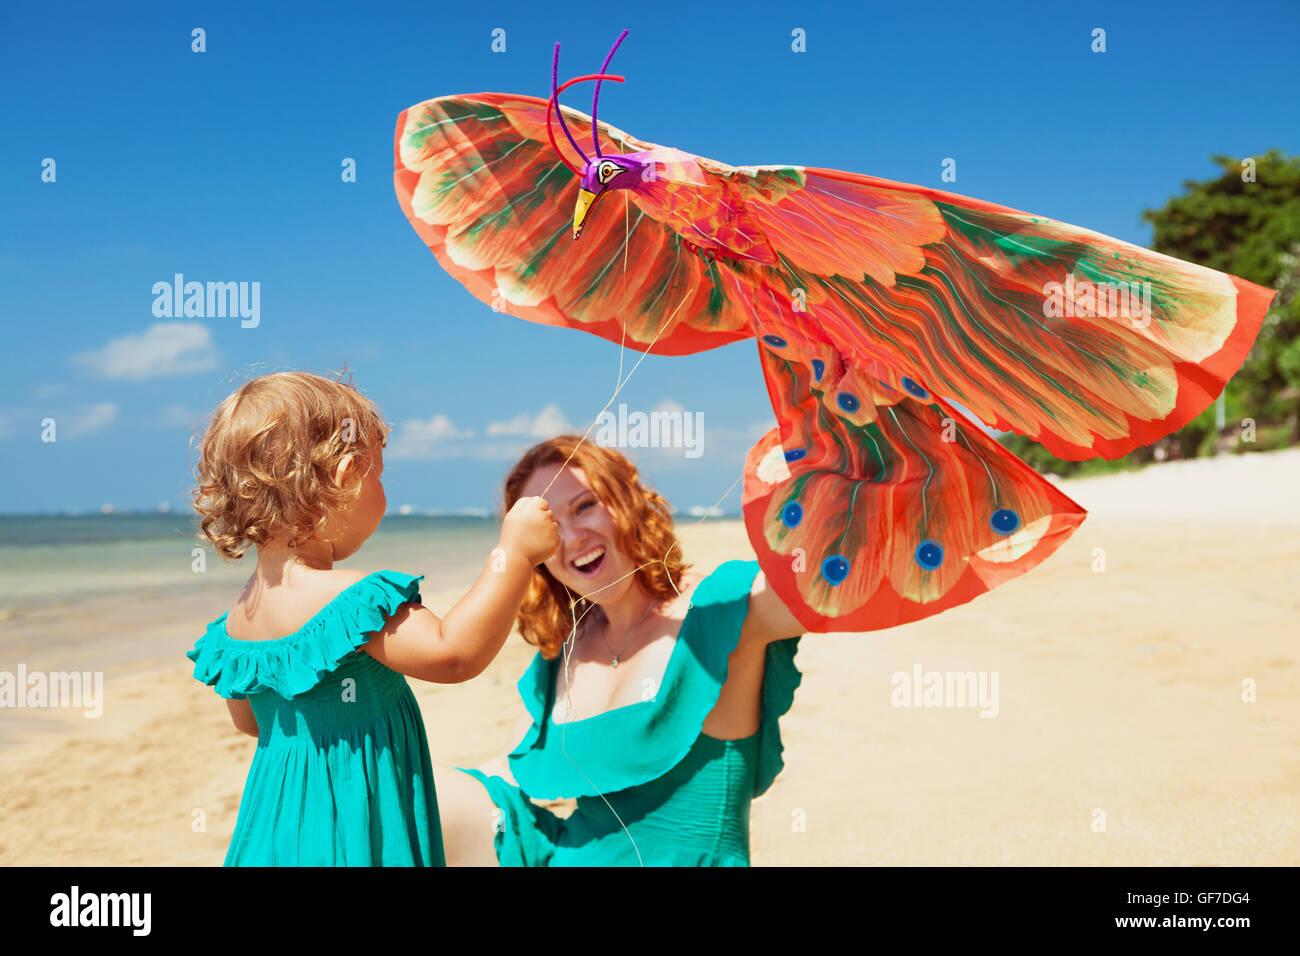 Familia Feliz tiene diversión en la soleada playa de arena, a la madre y al bebé niña caminar juntos Imagen De Stock